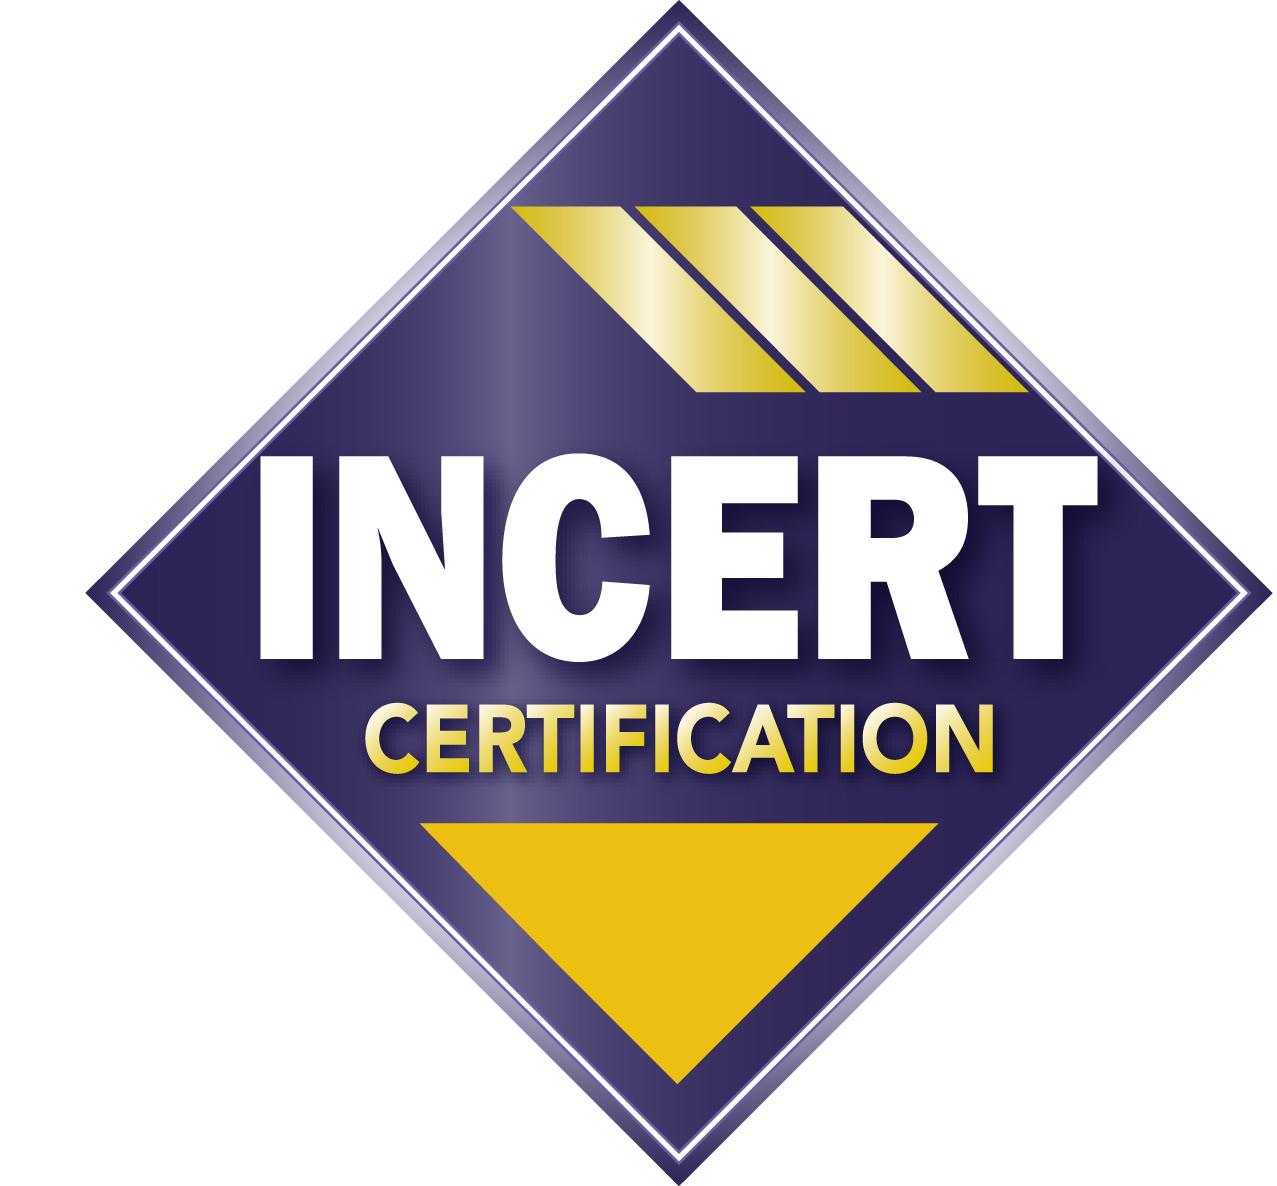 Het gele INCERT-label beoordeelt de veiligheid van gebouwen bij GW Security Group